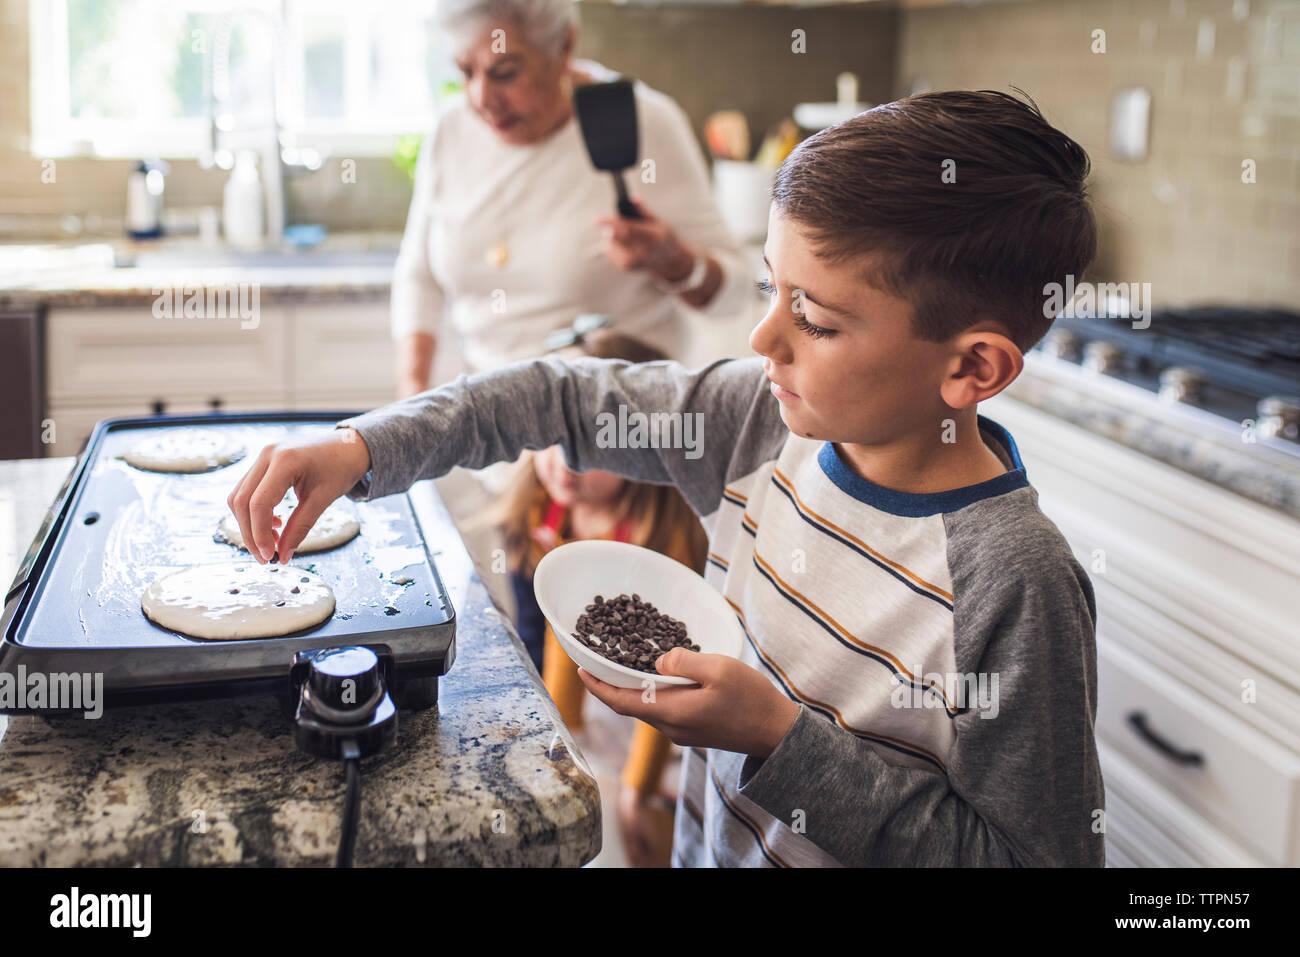 Joven cocina tortitas con familia multigeneracionales Foto de stock